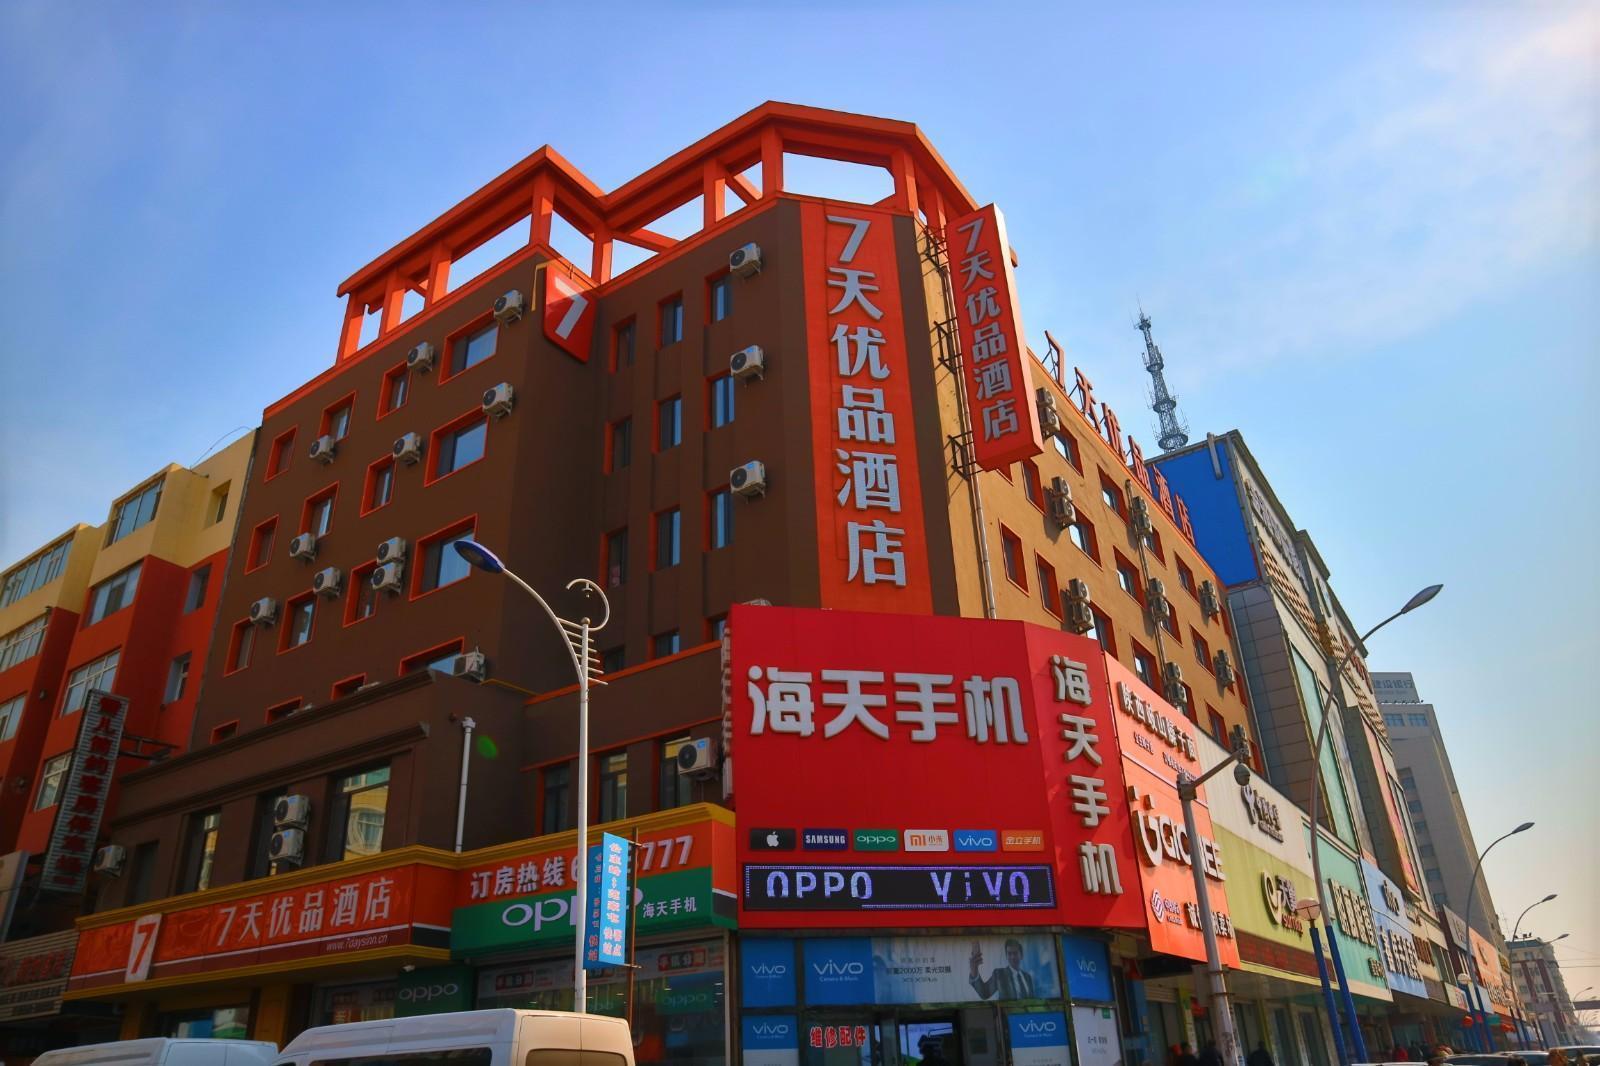 7 Days Premium�Gongzhuling City Railway Station